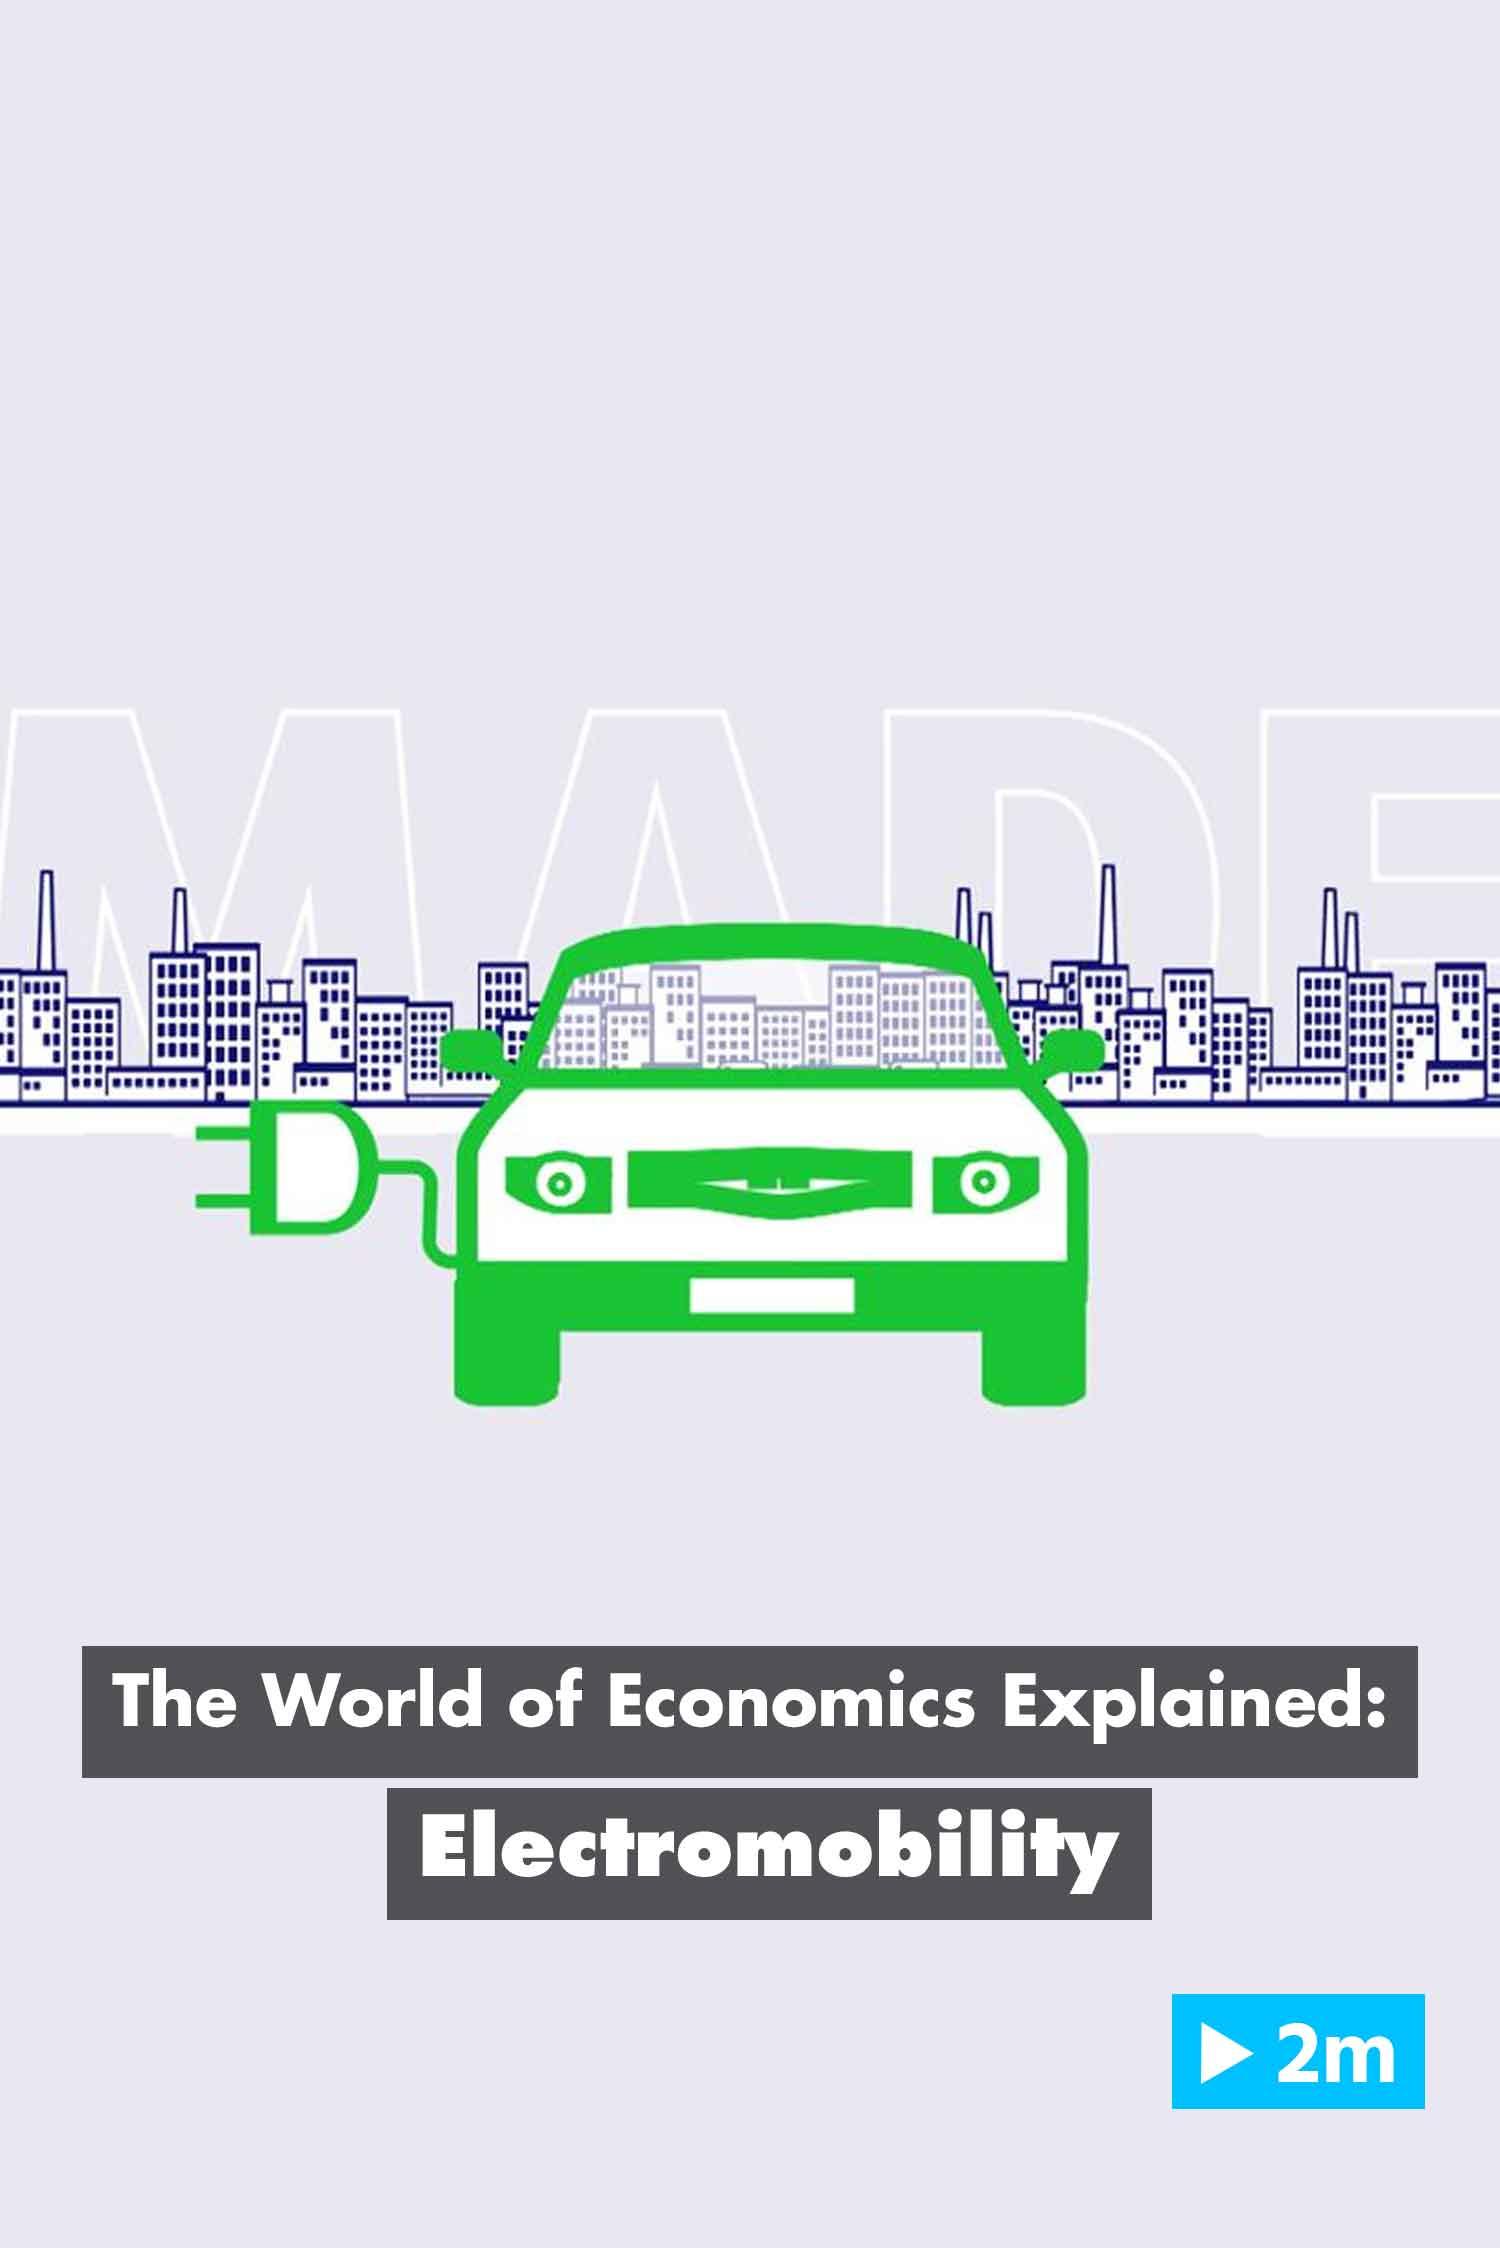 The World of Economics Explained: Electromobility